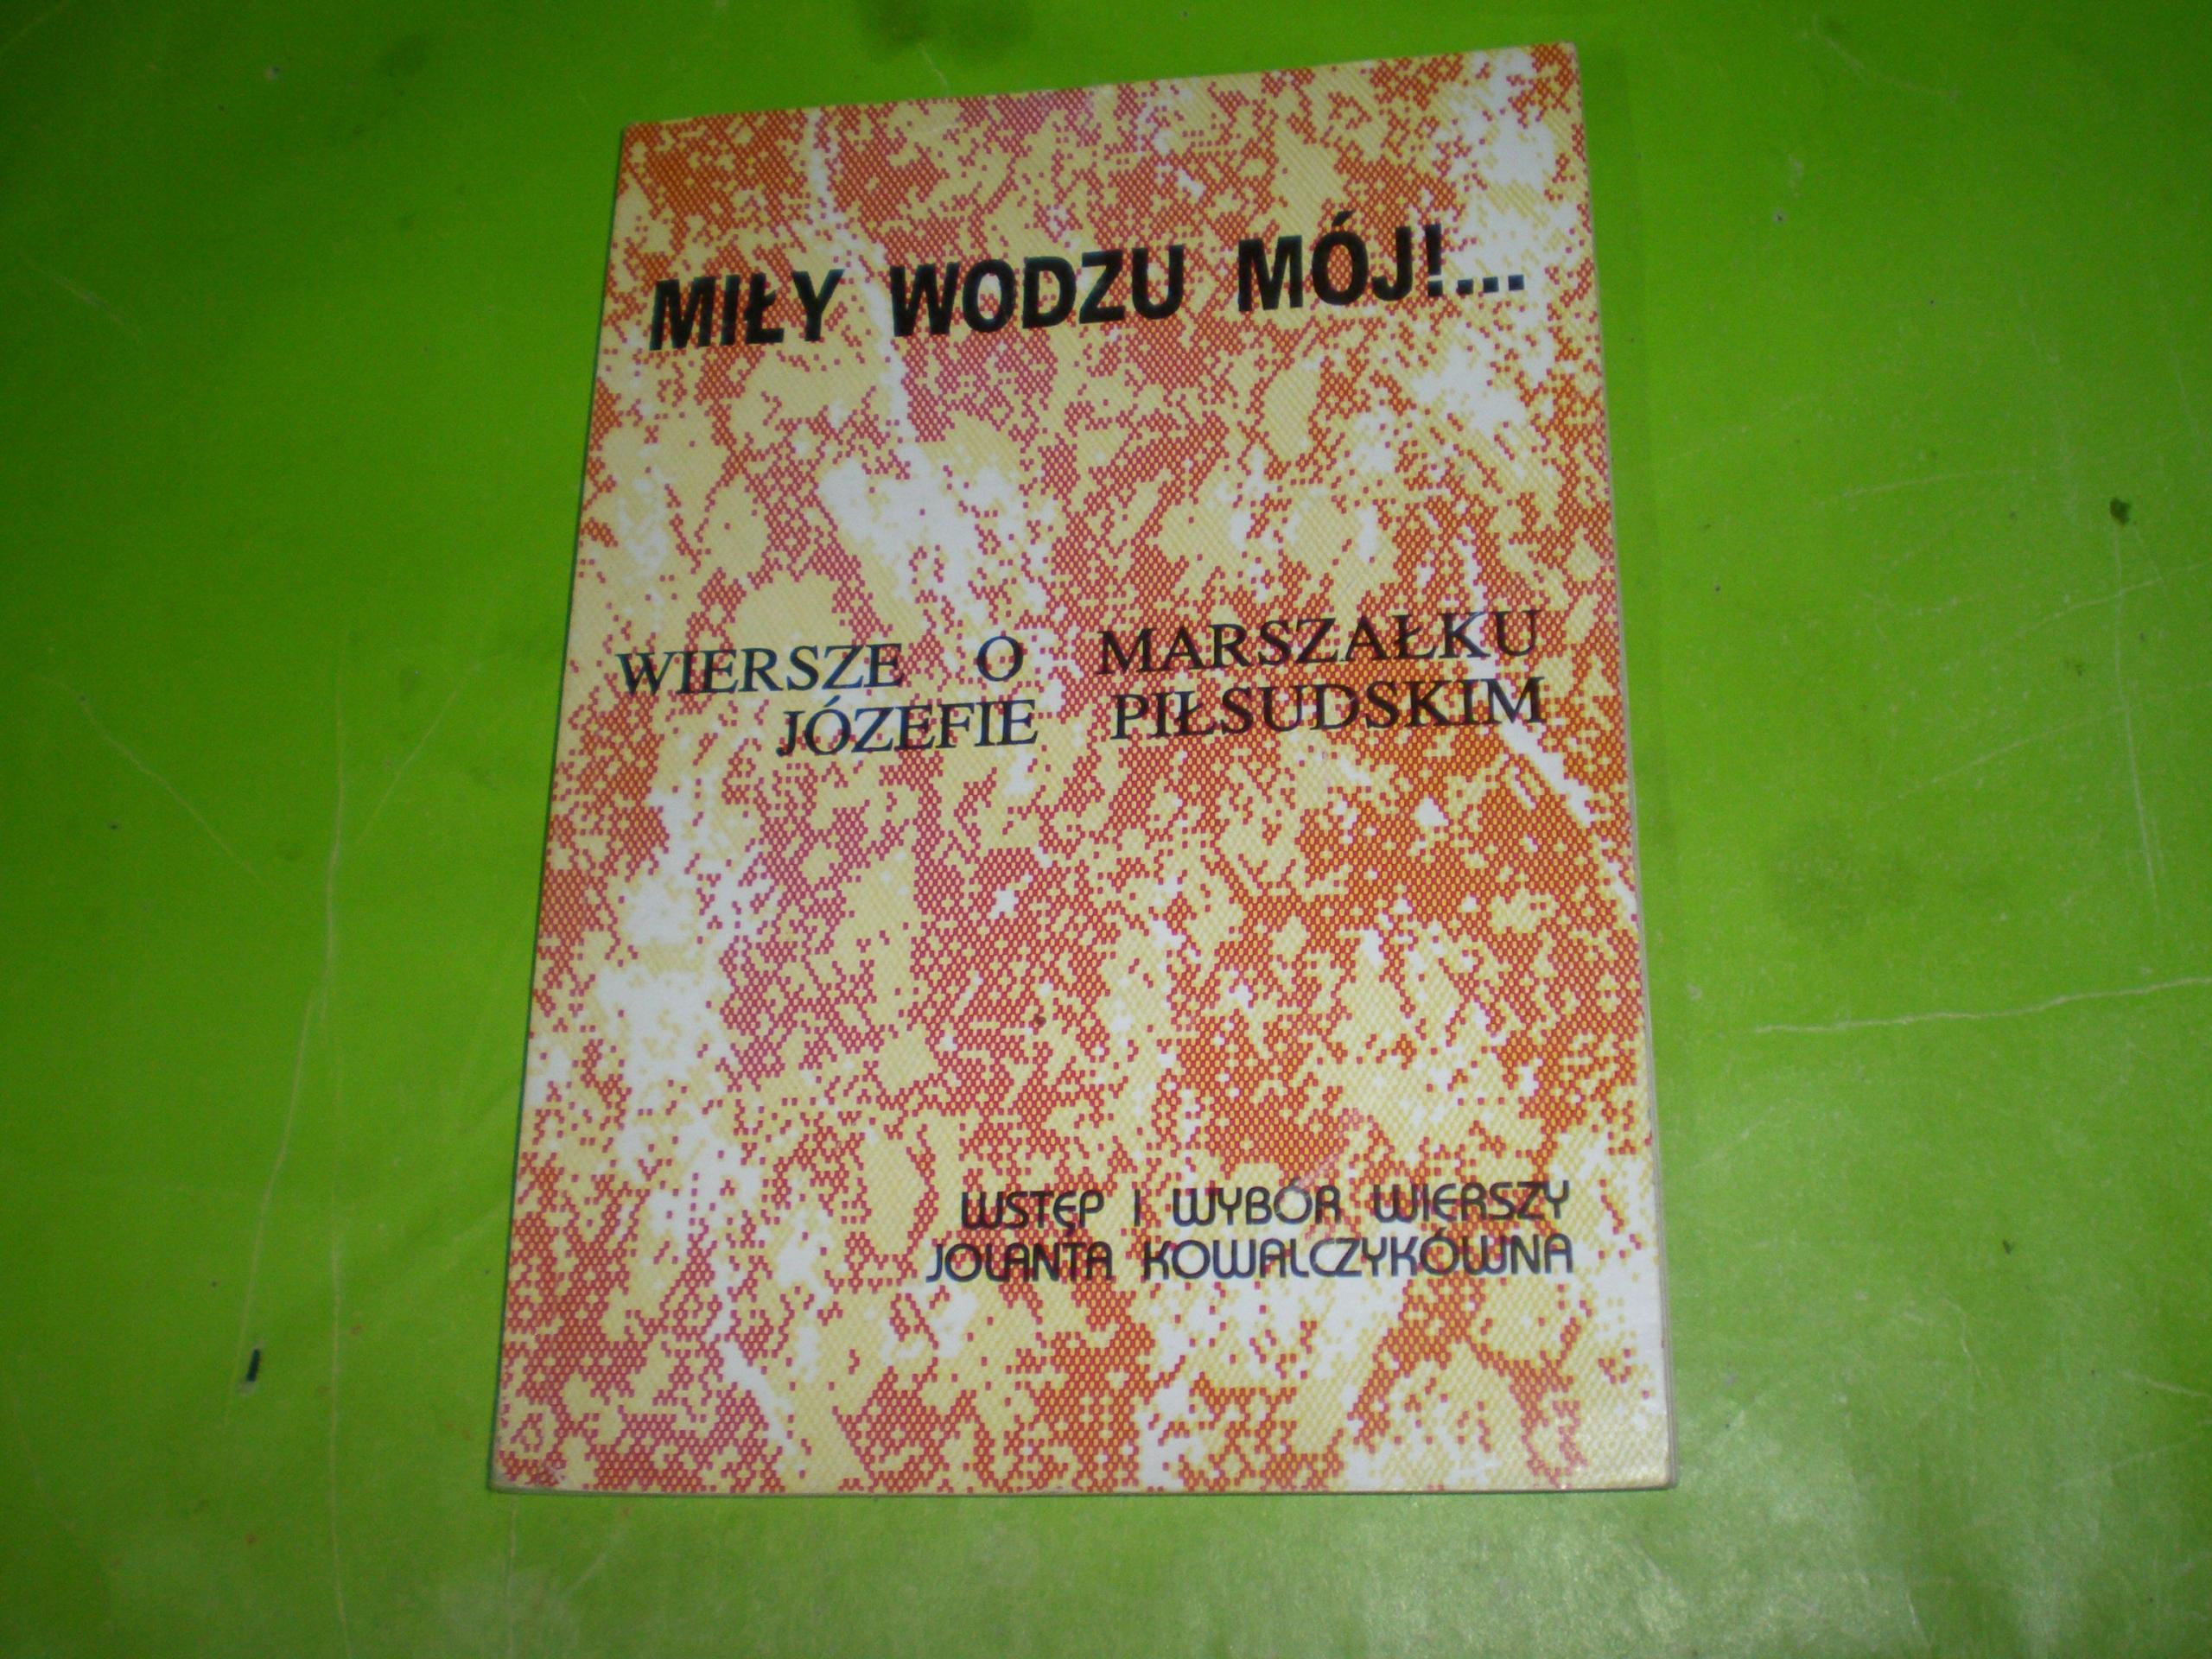 Wiersze O Marszałku Jpiłsudskim Wyd Pabianice 93r